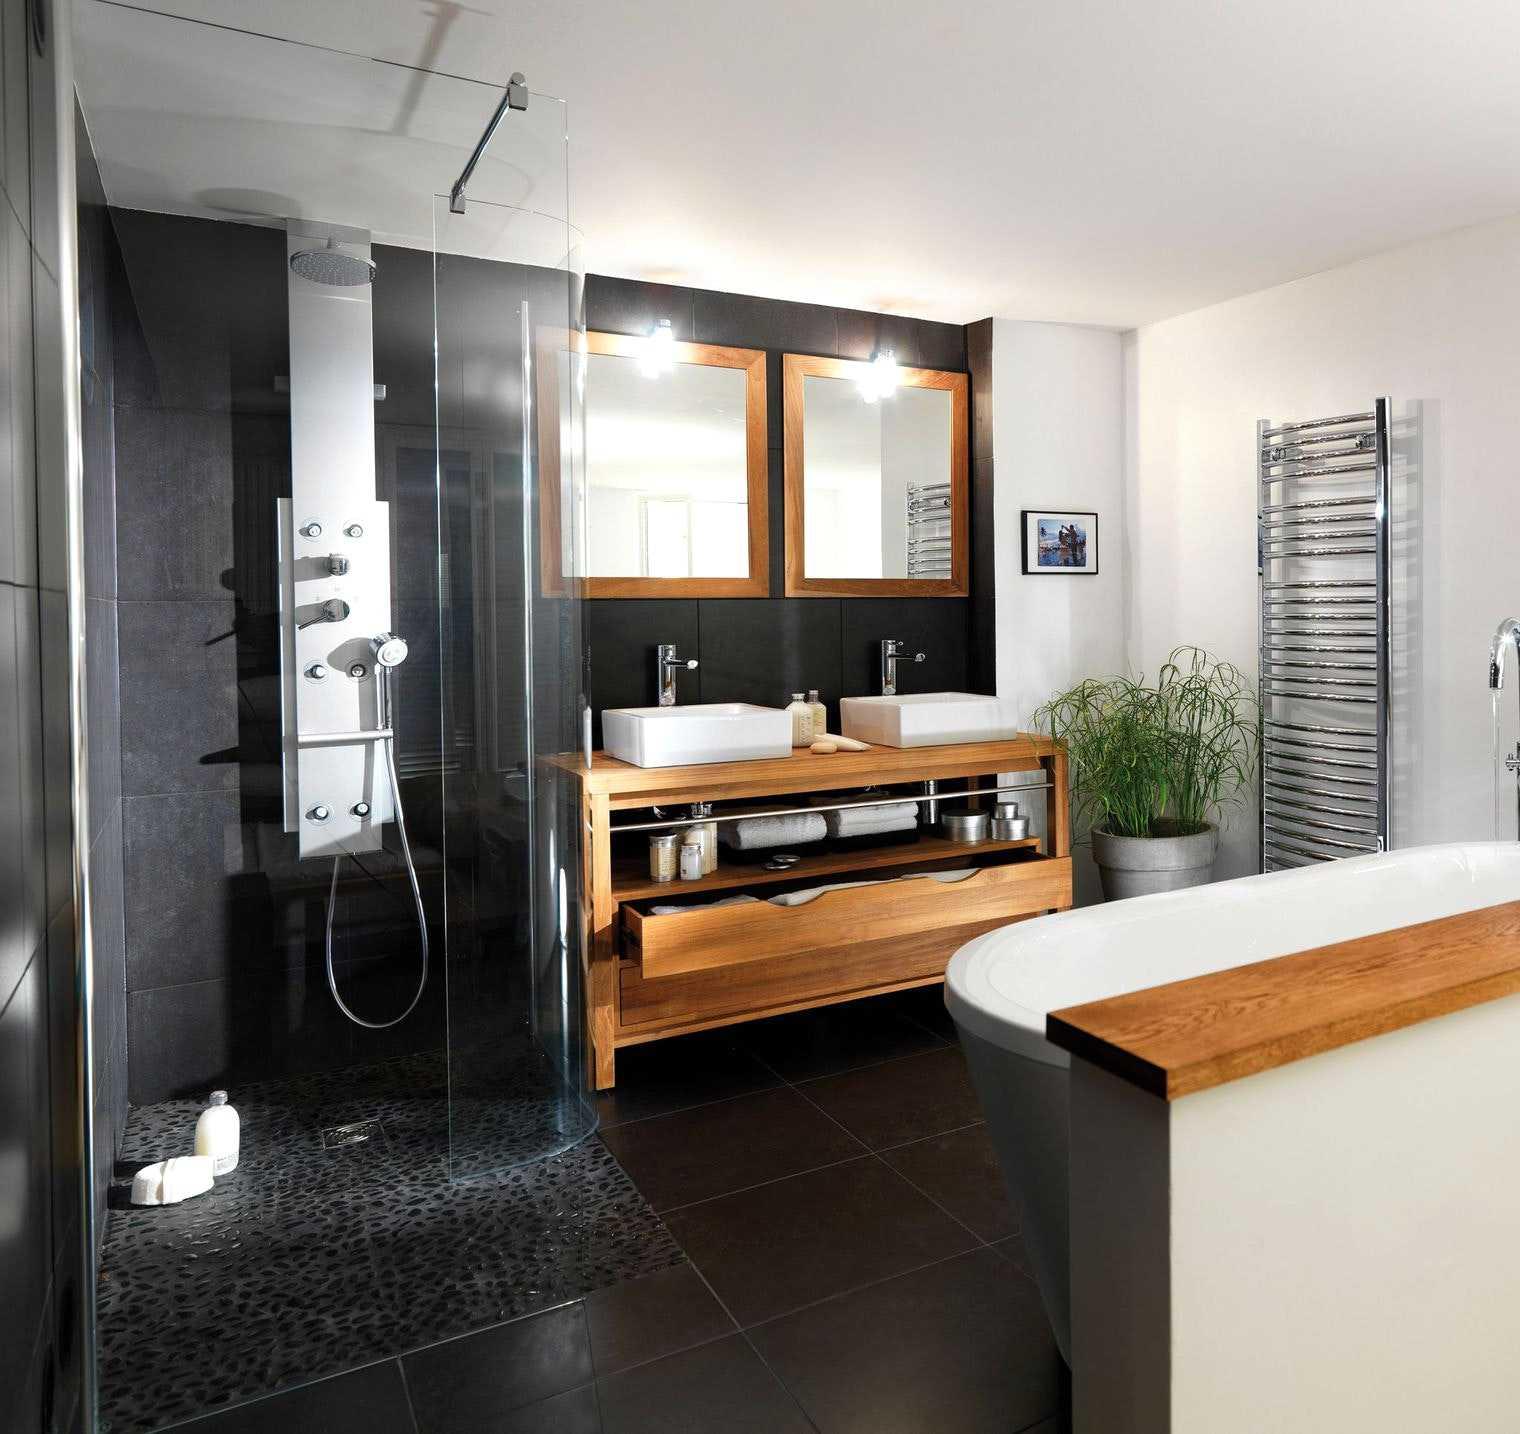 Charmant Salle De Bain Noir Blanc Bois Avec Les 2017 Et Salle De Bain Grise Et Noire  Des Photos